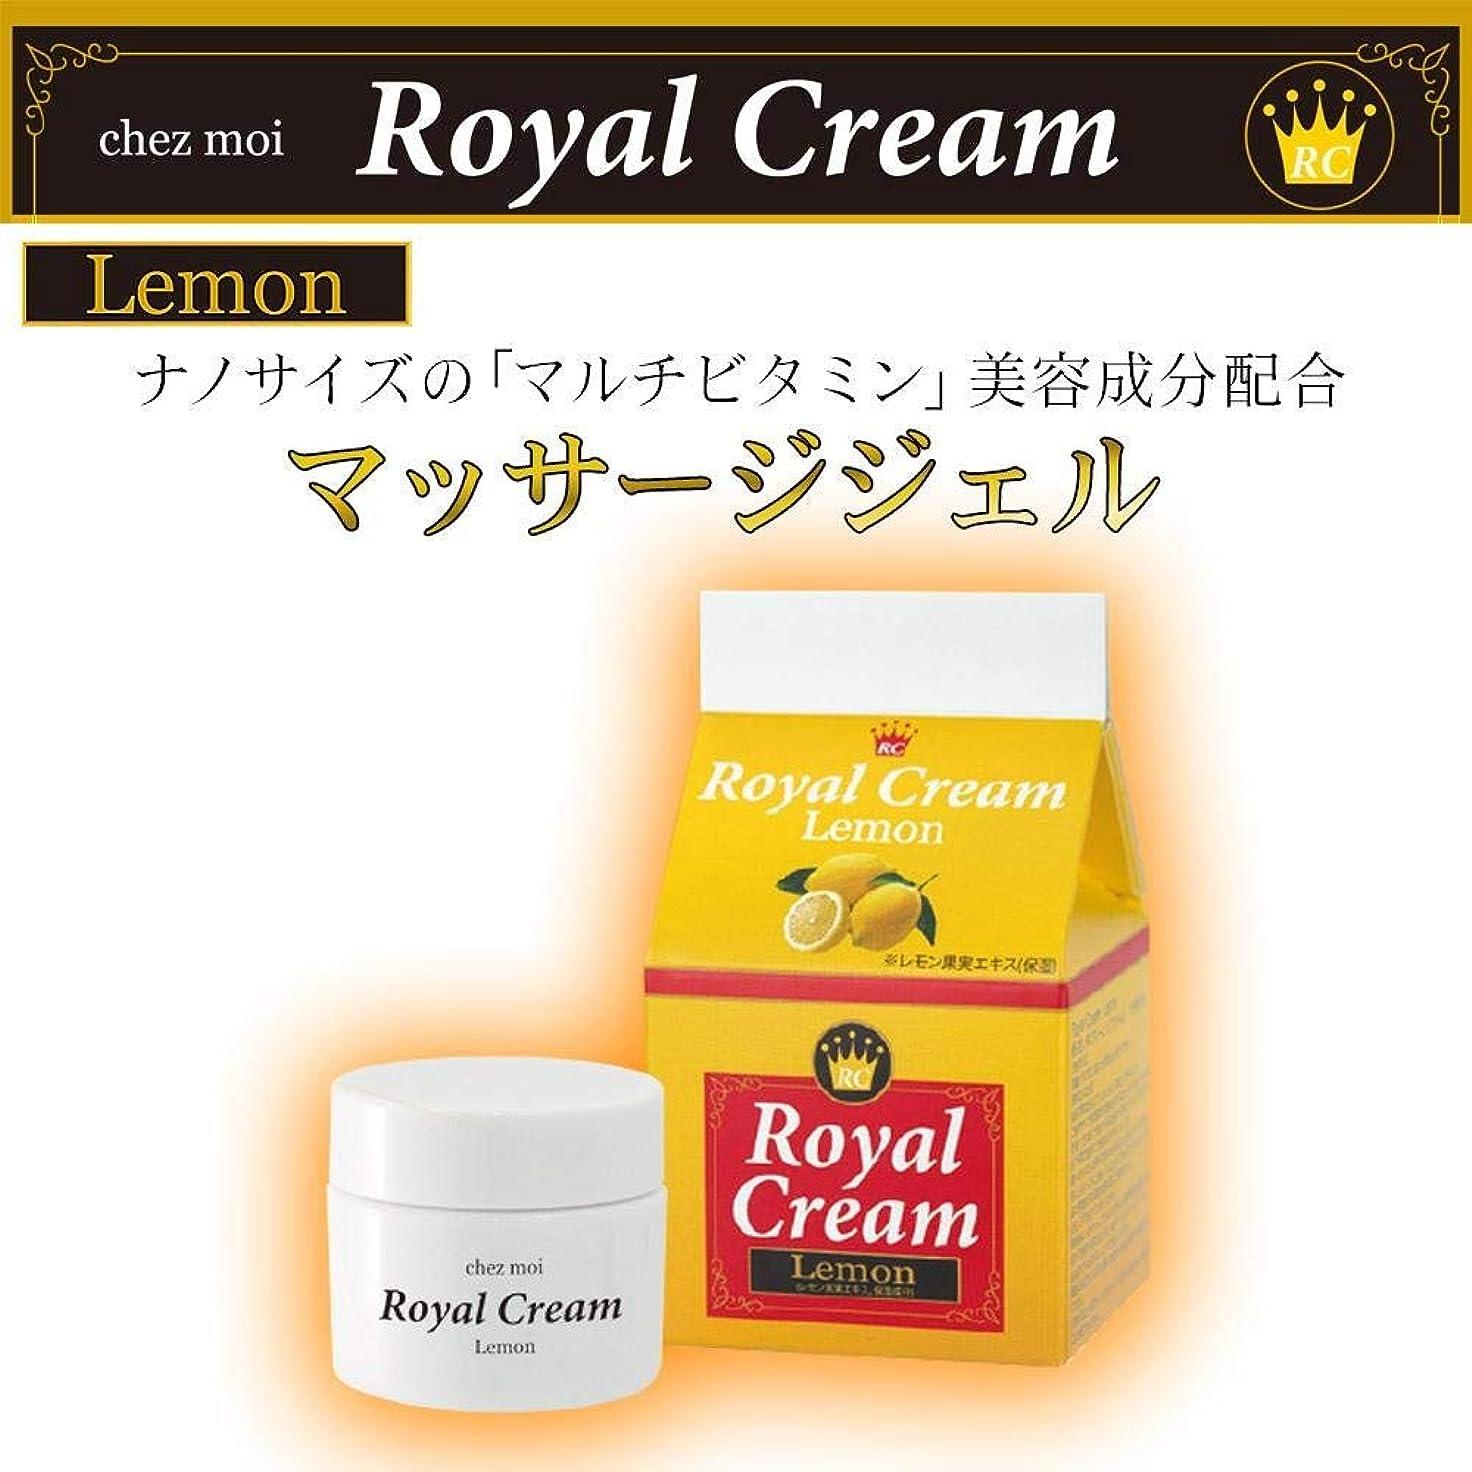 不振失礼なジャーナリストRoyal Cream(ロイヤルクリーム) Lemon(レモン) マッサージジェル 30g